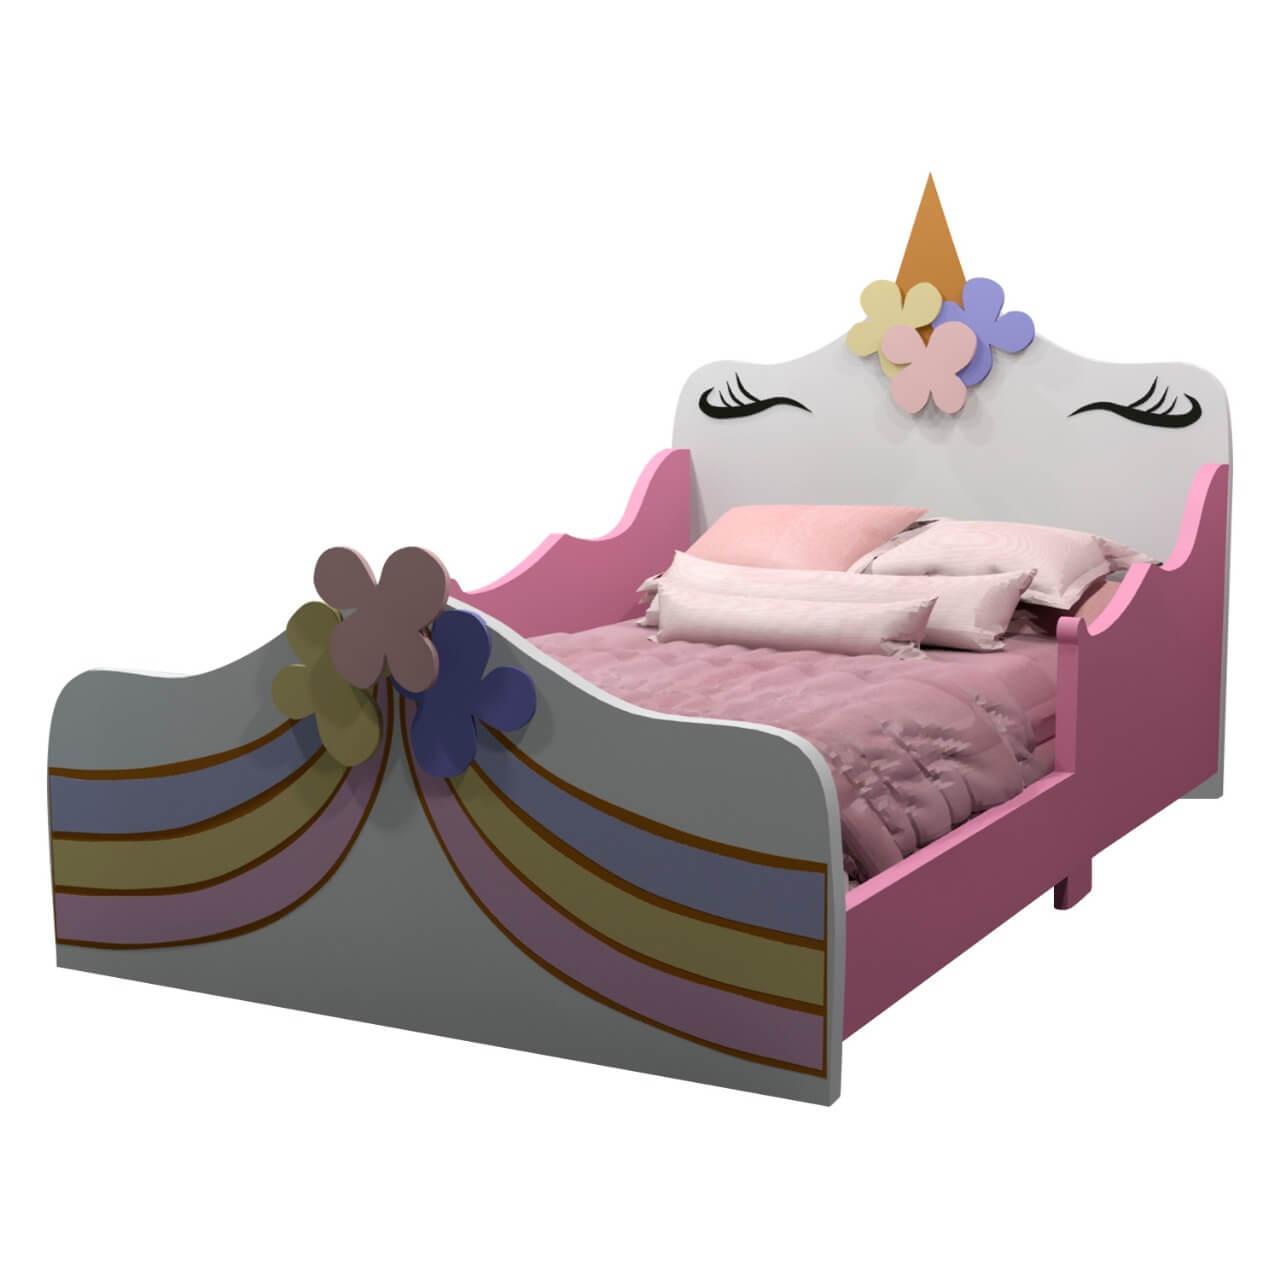 Unicornio Juego De Dormitorio Para Ninas Jp Stylos Muebleria